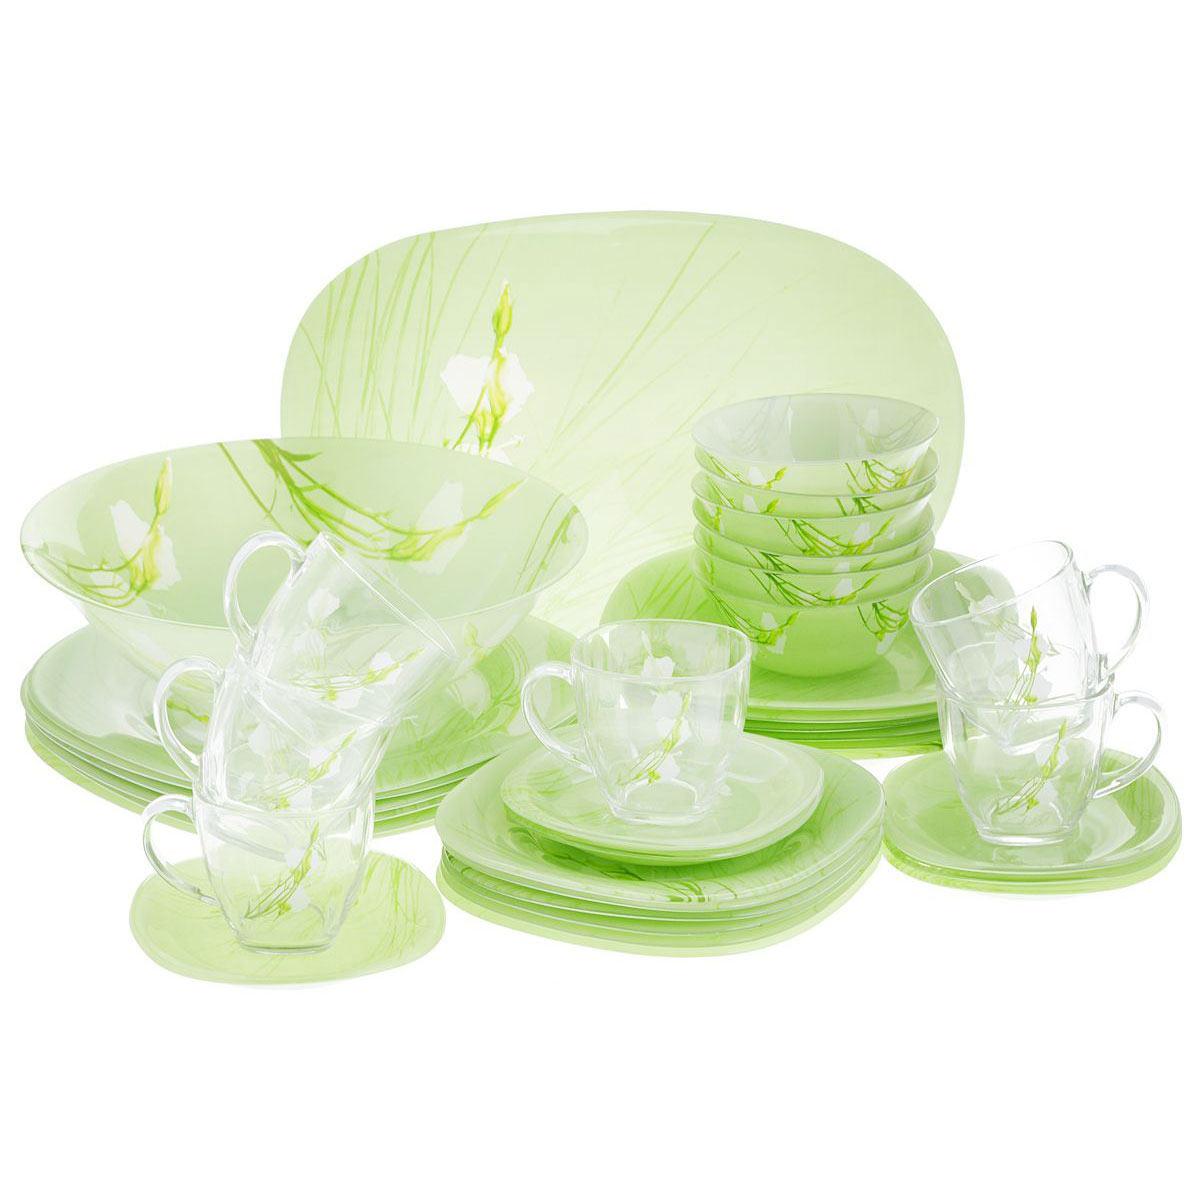 Столовый сервиз CARINA SOFIANE GREEN 46 предметов - интернет-магазин посуды Luminarc